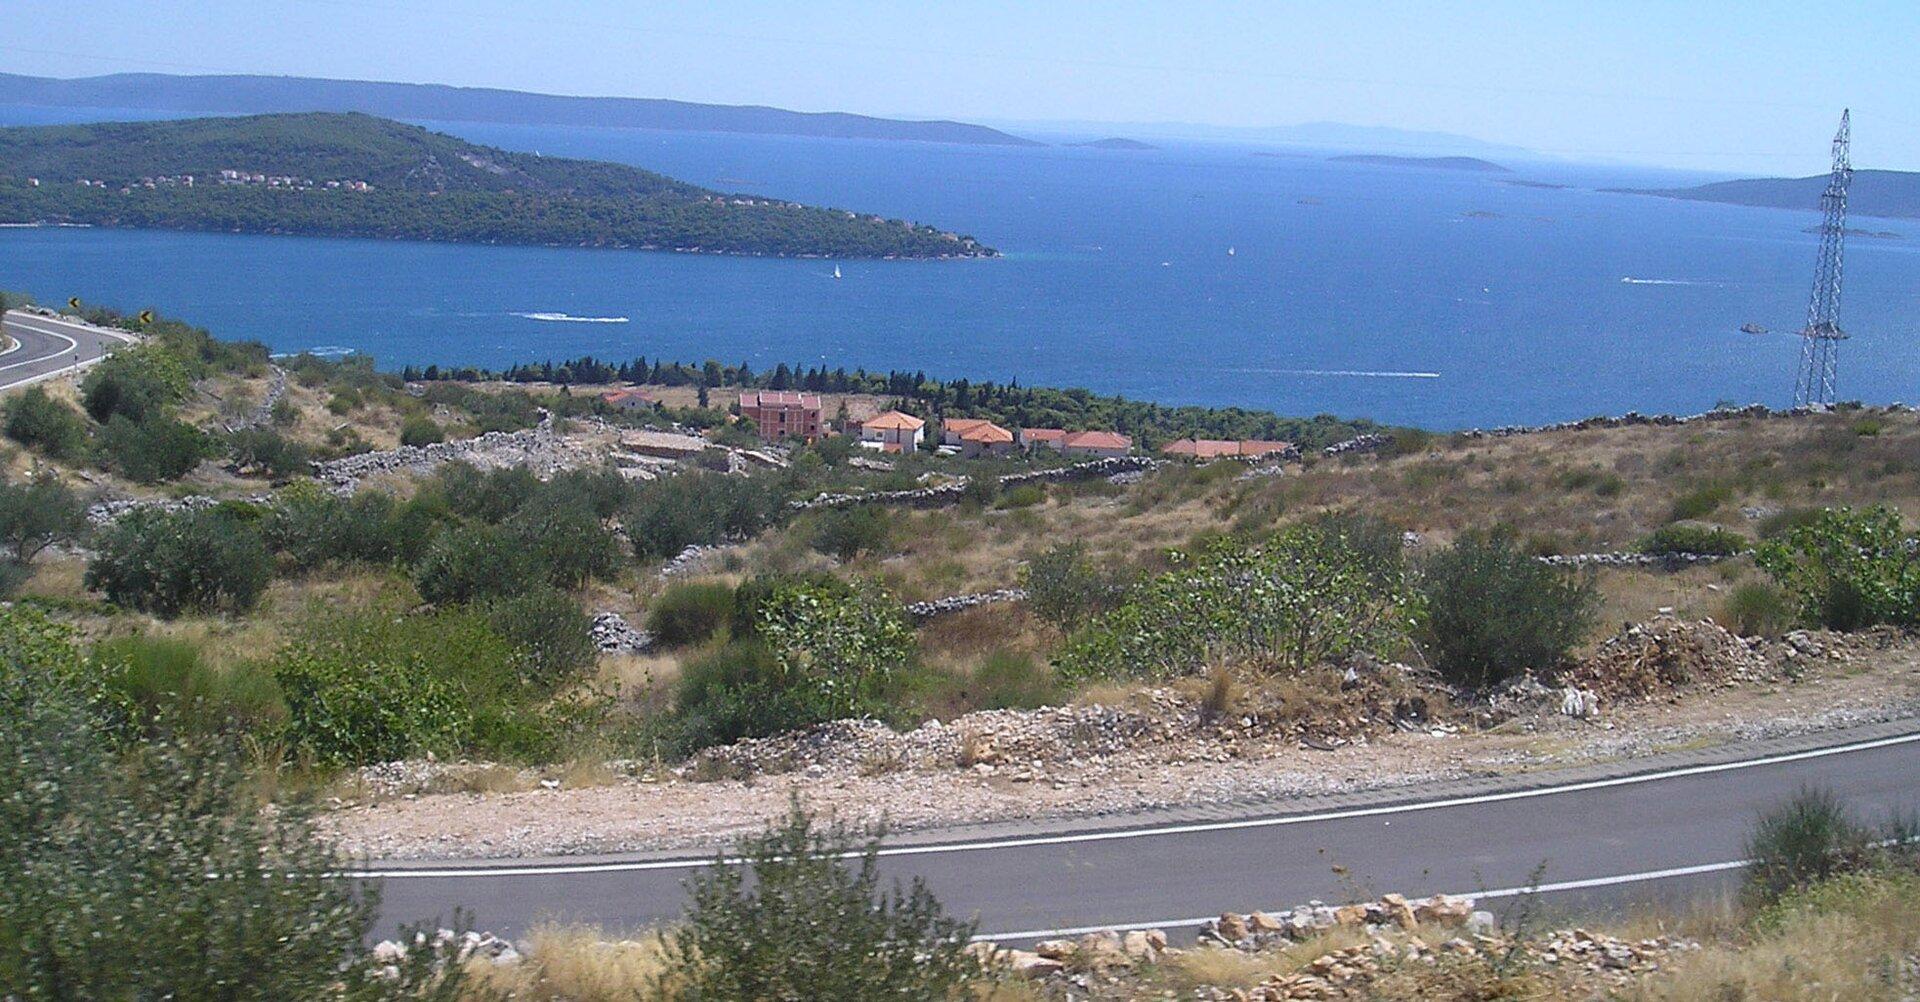 Na zdjęciu morze otoczone łagodnymi górami. Podłużna zalesiona wyspa położona równolegle do brzegu. Na pierwszym planie zabudowania, jasne domy zczerwonymi dachami wśród bujnej roślinności.